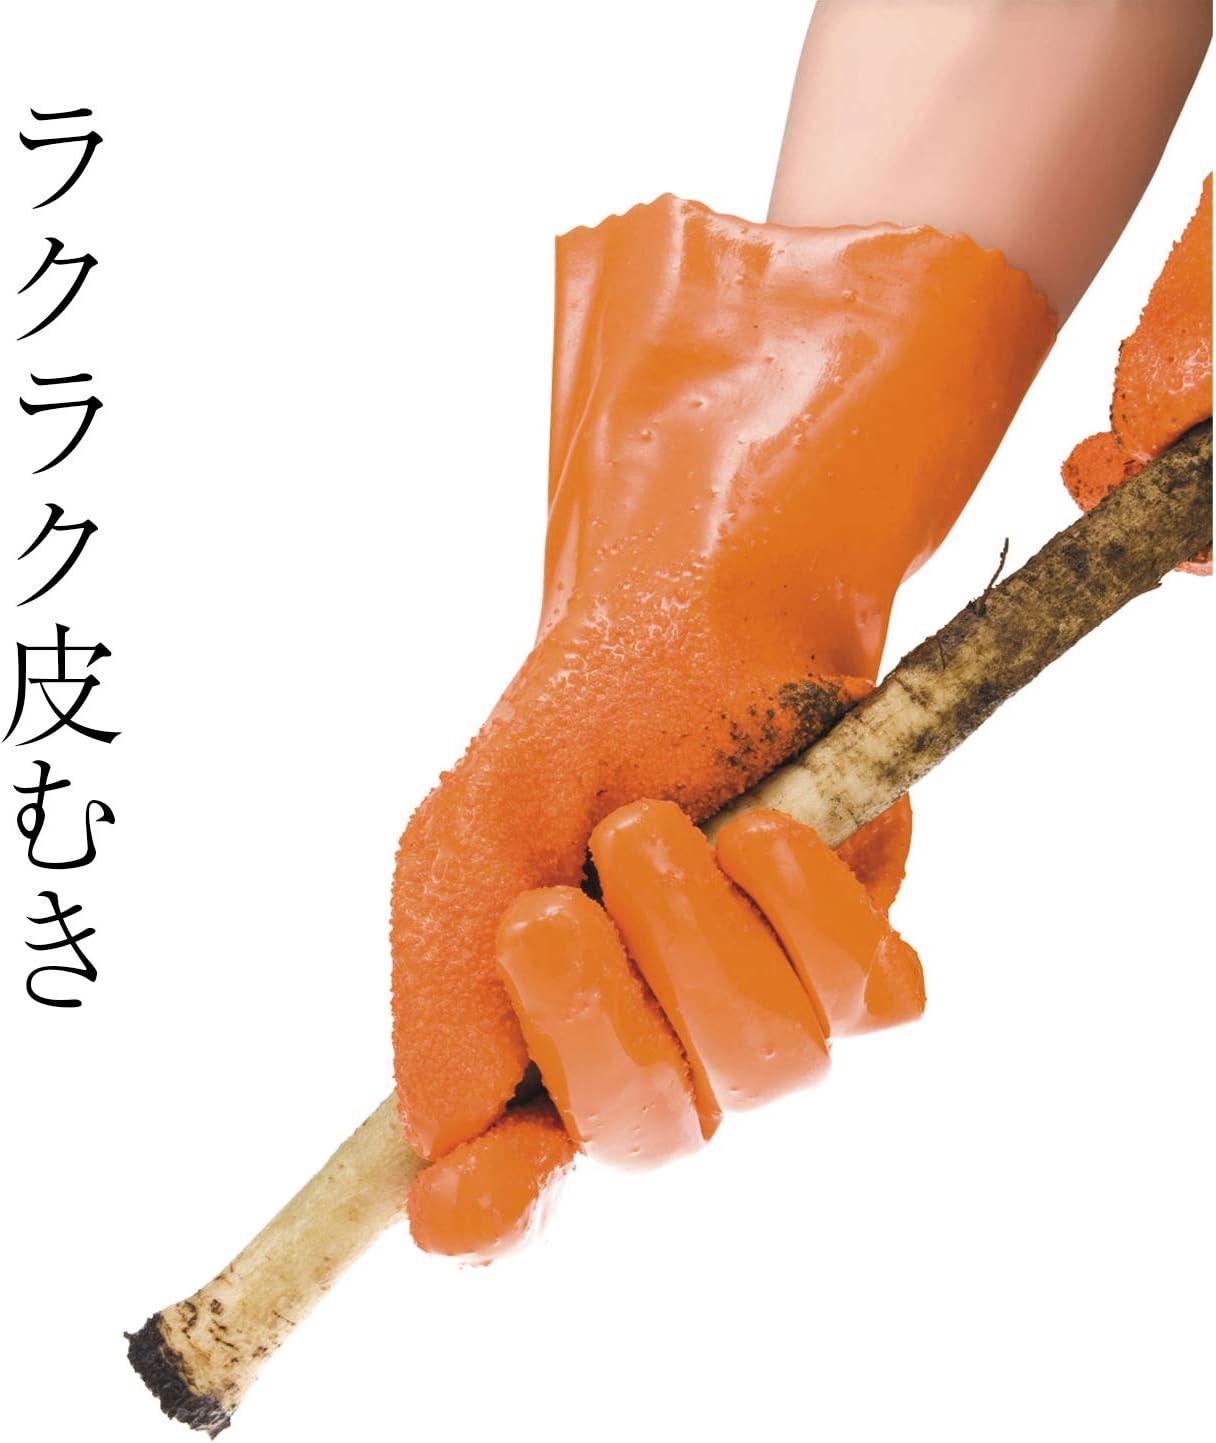 手袋 皮 むき